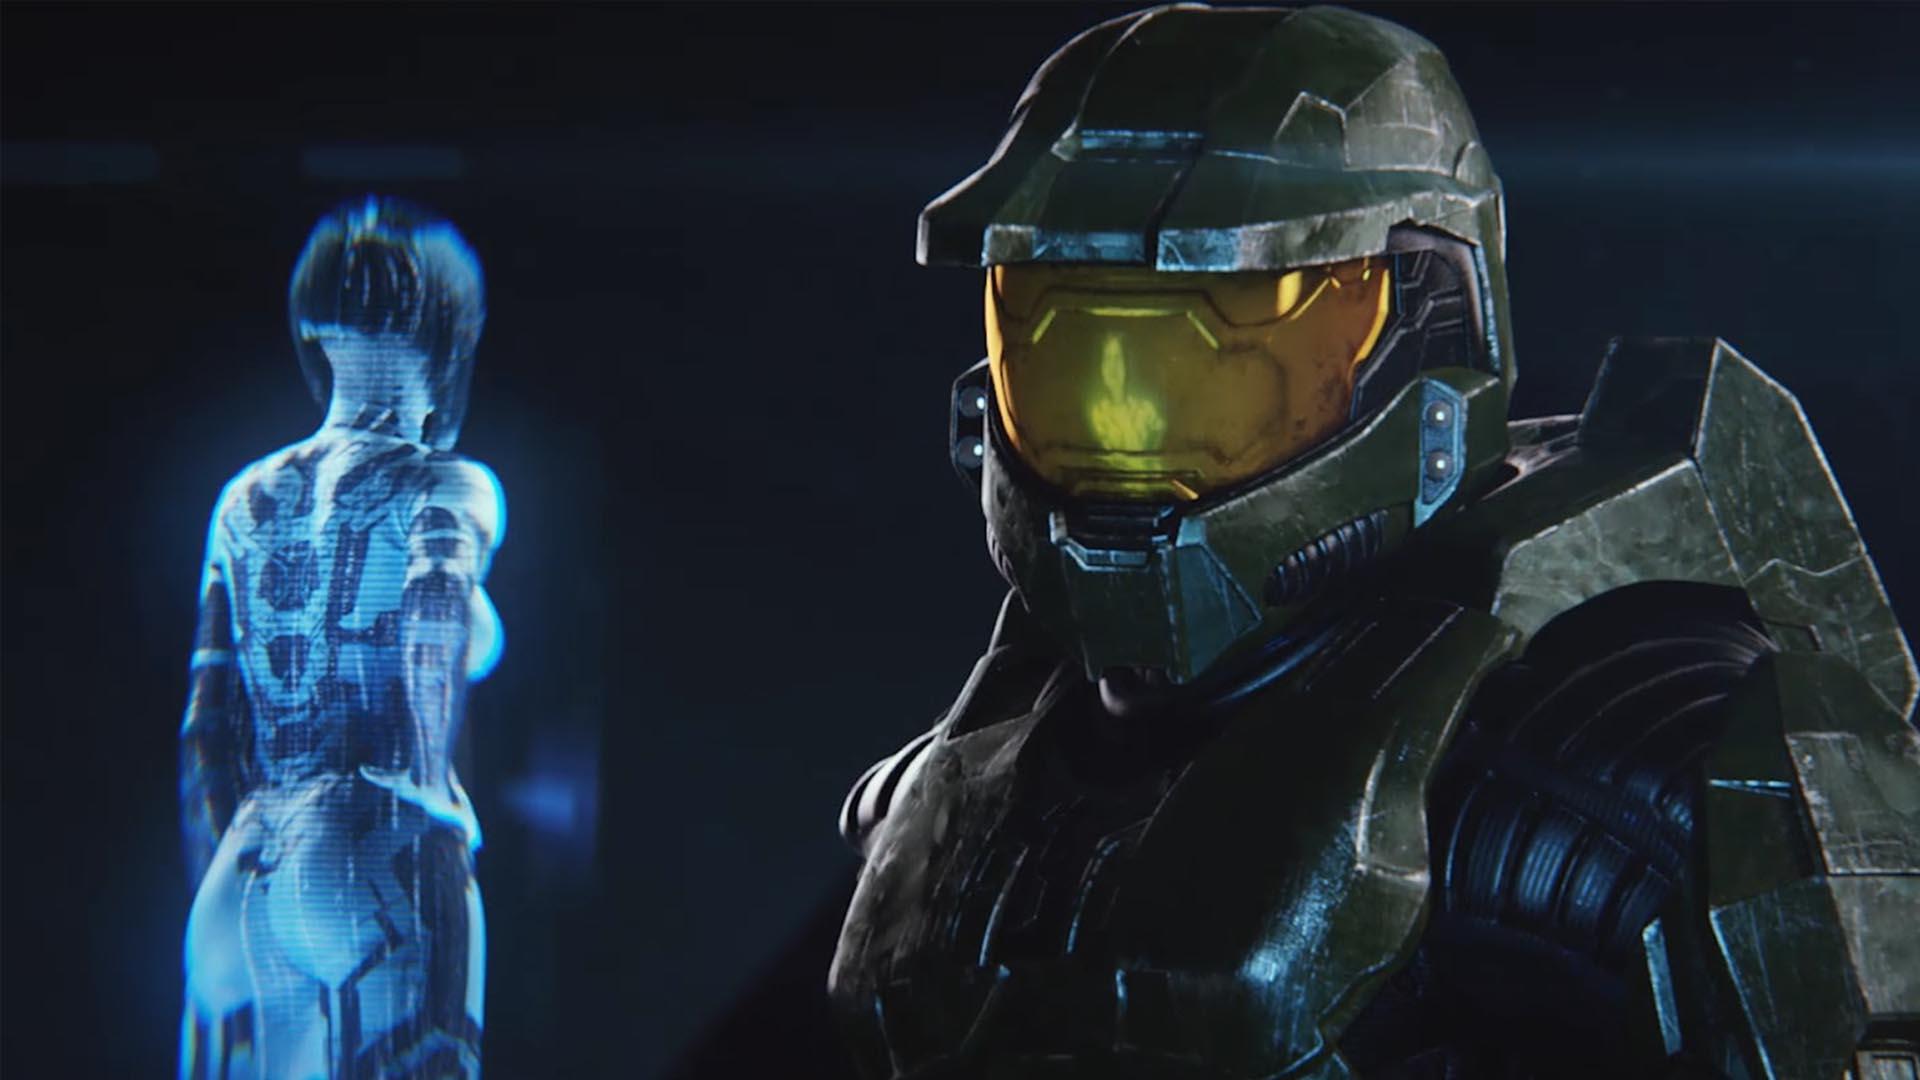 El crossplay de Halo The Master Chief Collection esta progresando según lo previsto